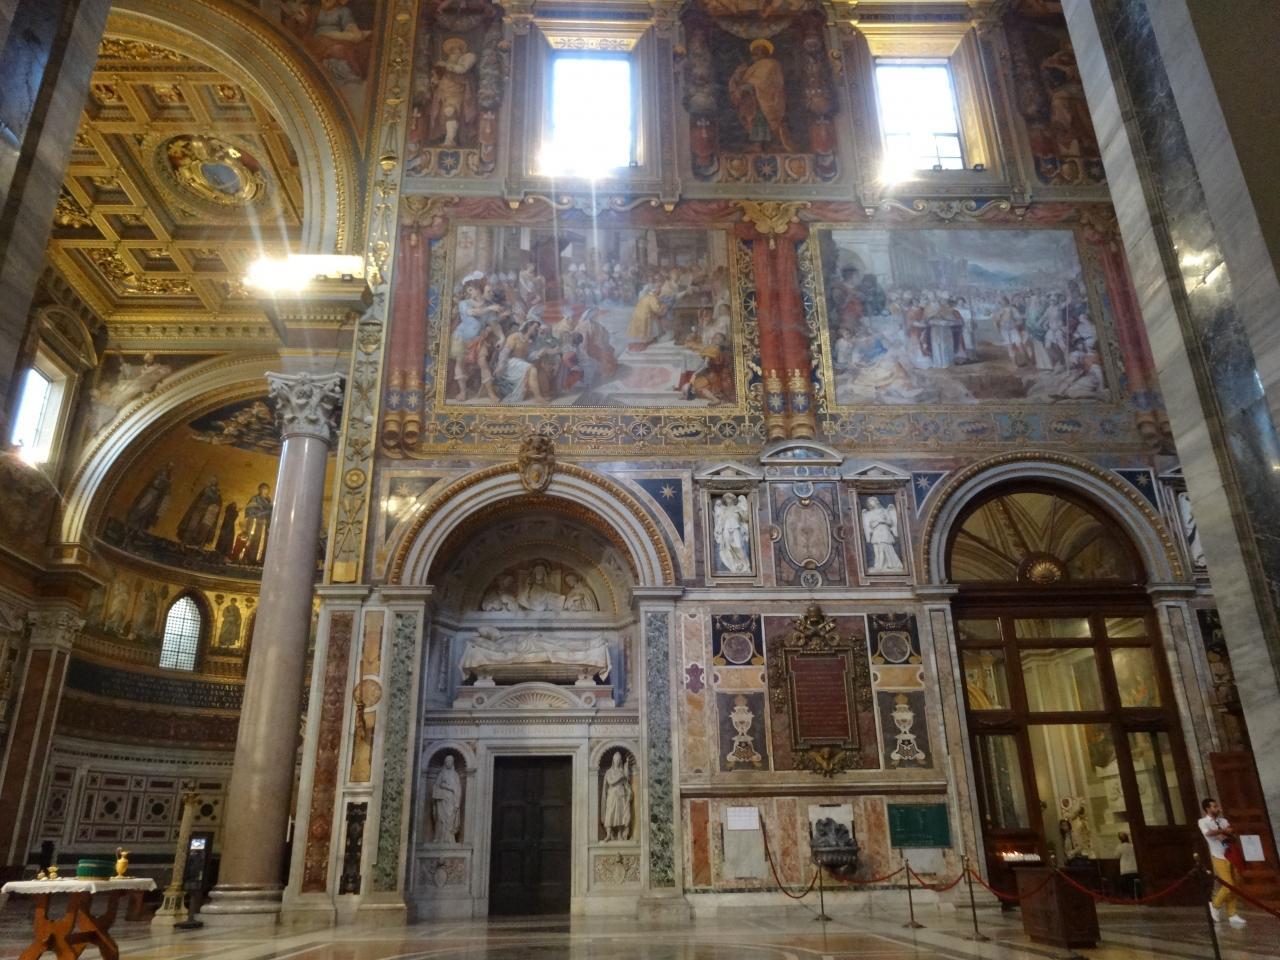 サン・ジョバンニ・イン・ラテラノ大聖堂の画像 p1_38